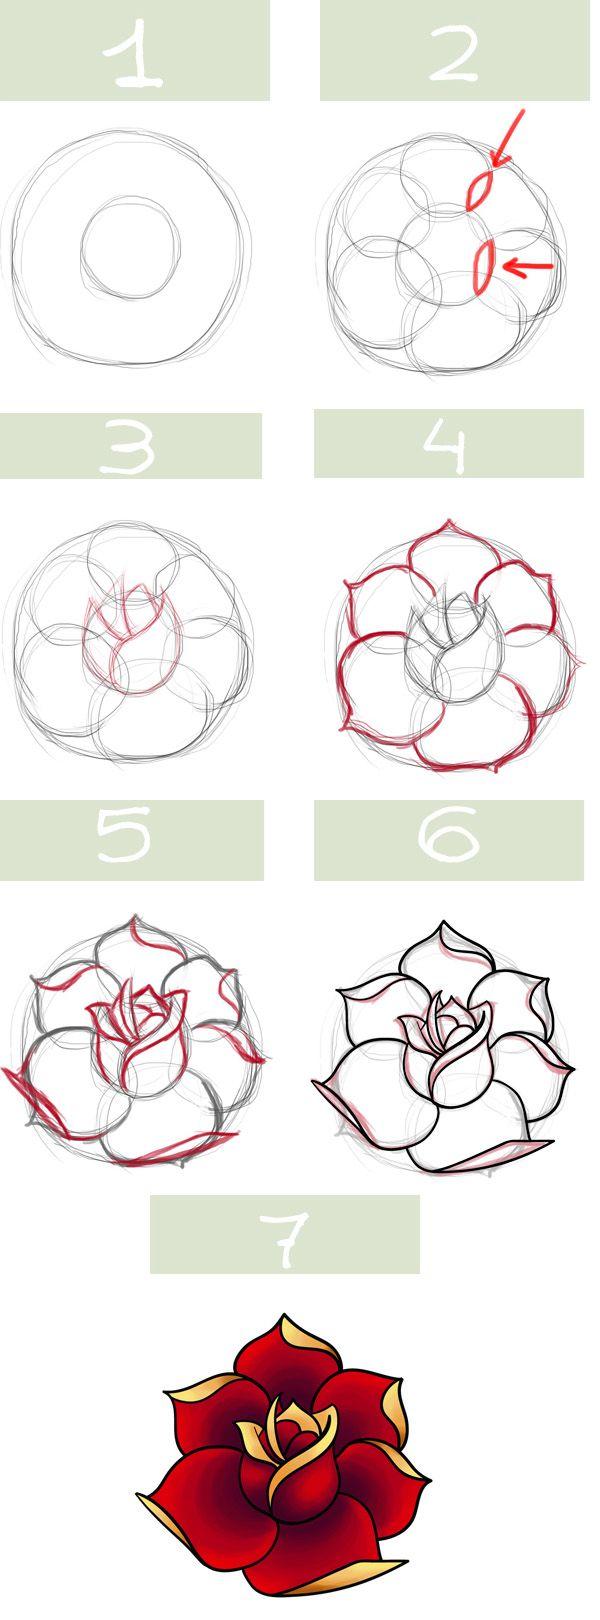 Dessiner Une Rose Dessin Pinterest Dessin Rose Dessin Et